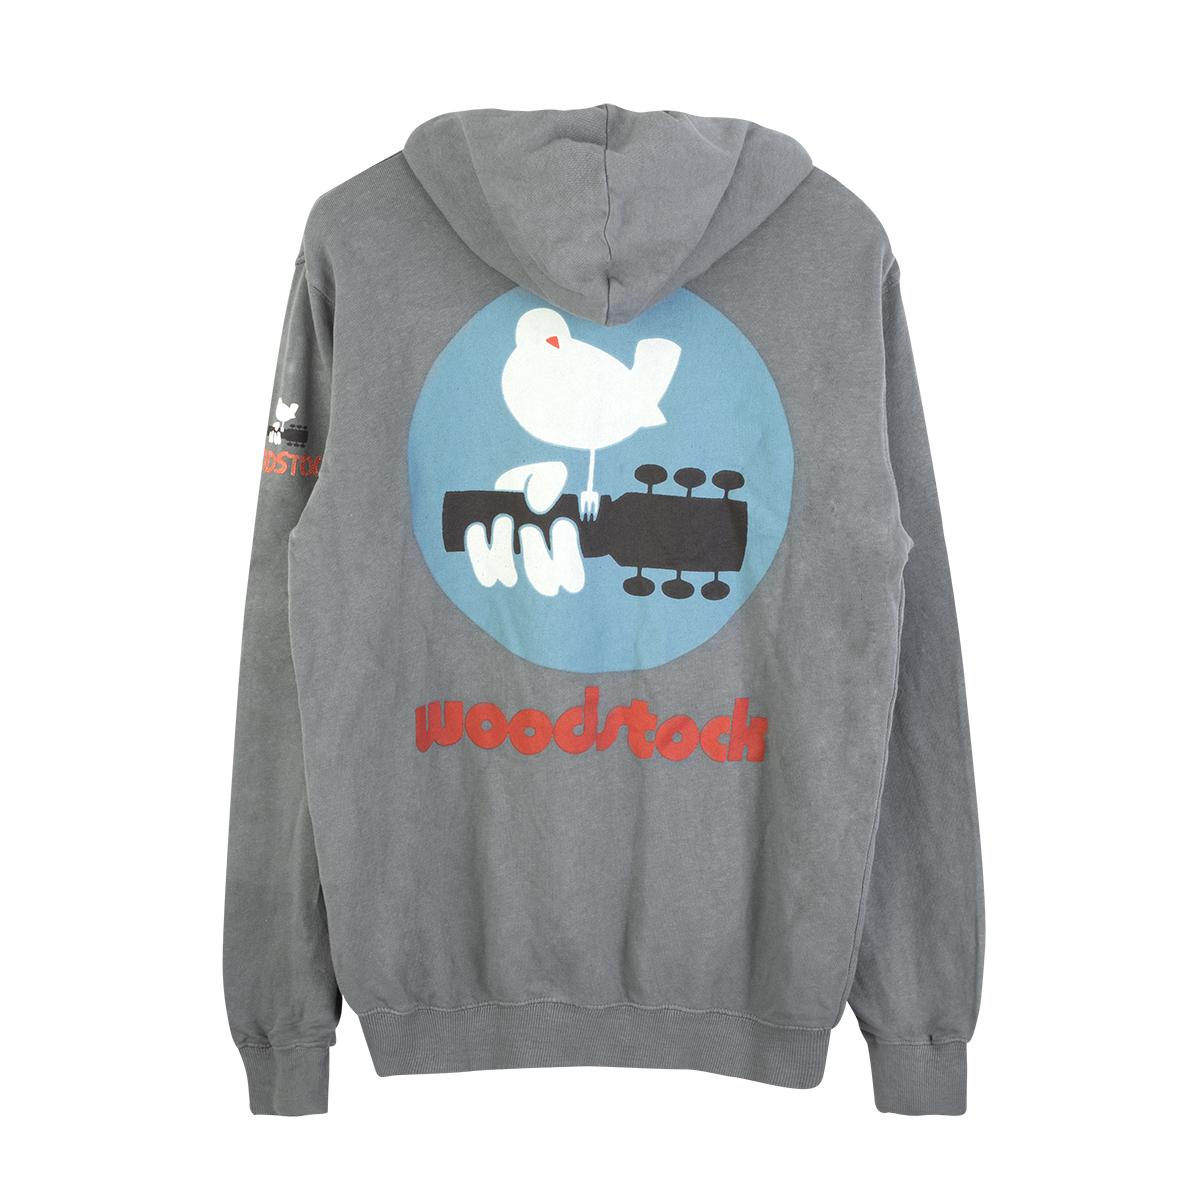 Woodstock Logo Zip Hoodie